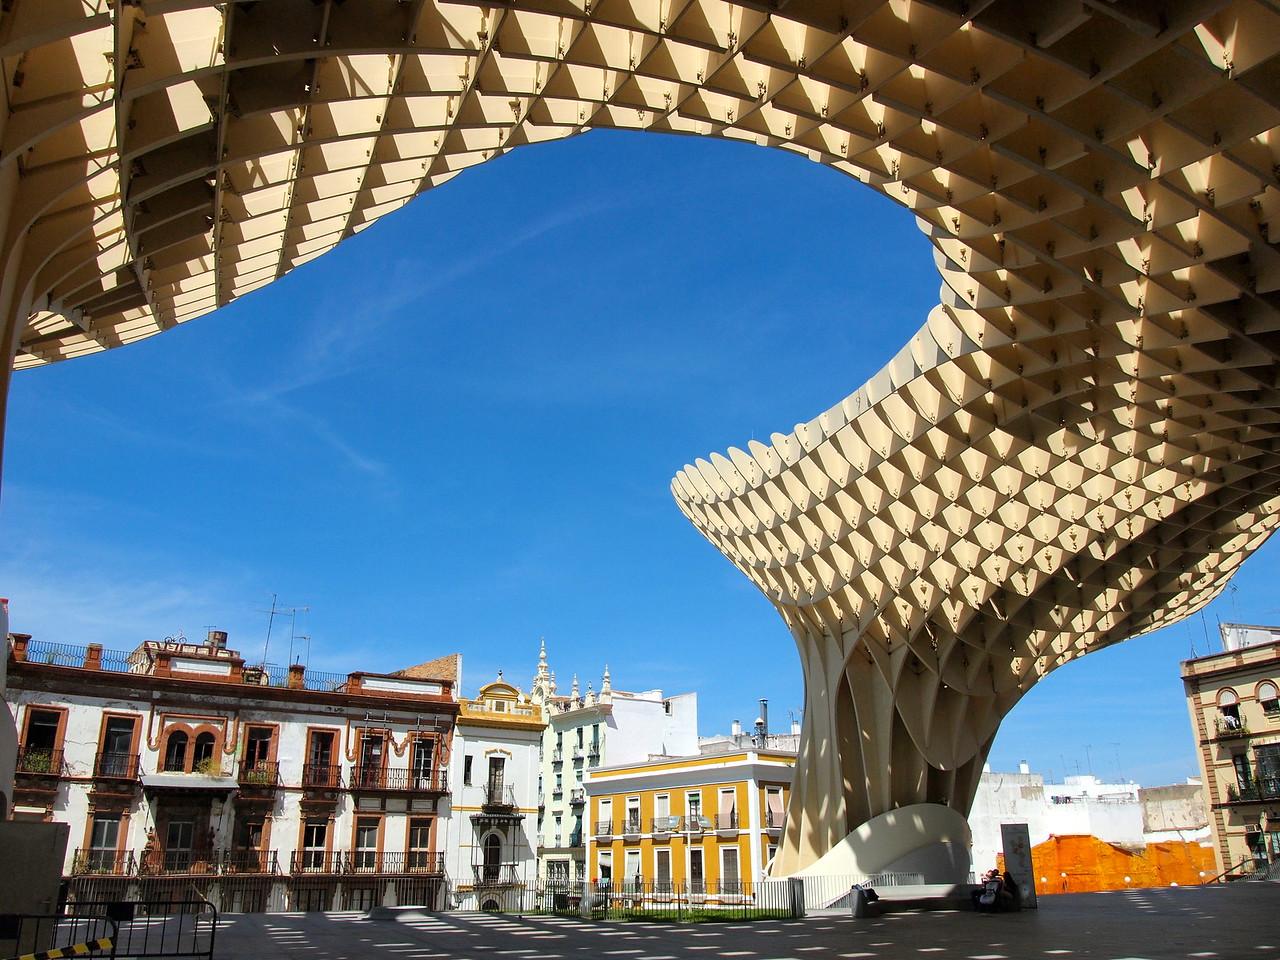 Metropol Parasol in Seville, Spain